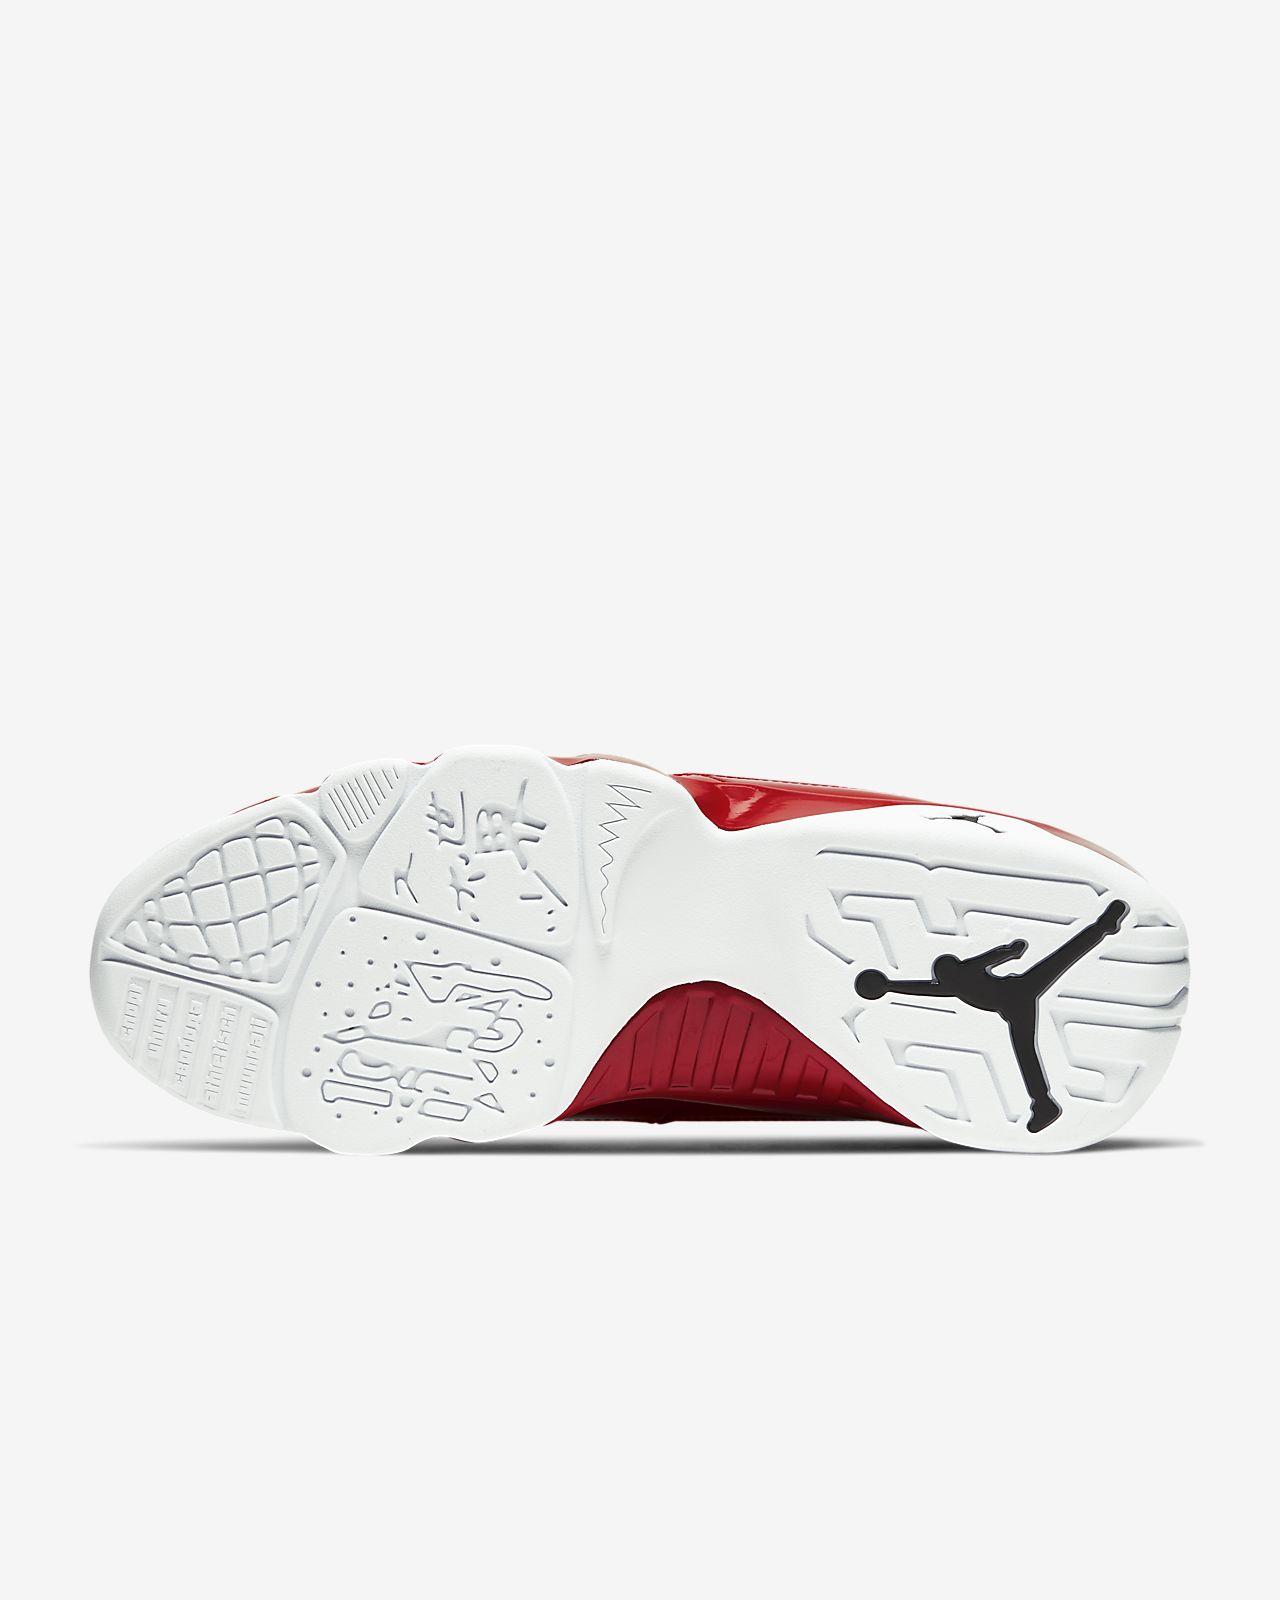 dla całej rodziny niskie ceny najlepsze trampki Air Jordan 9 Retro Men's Shoe